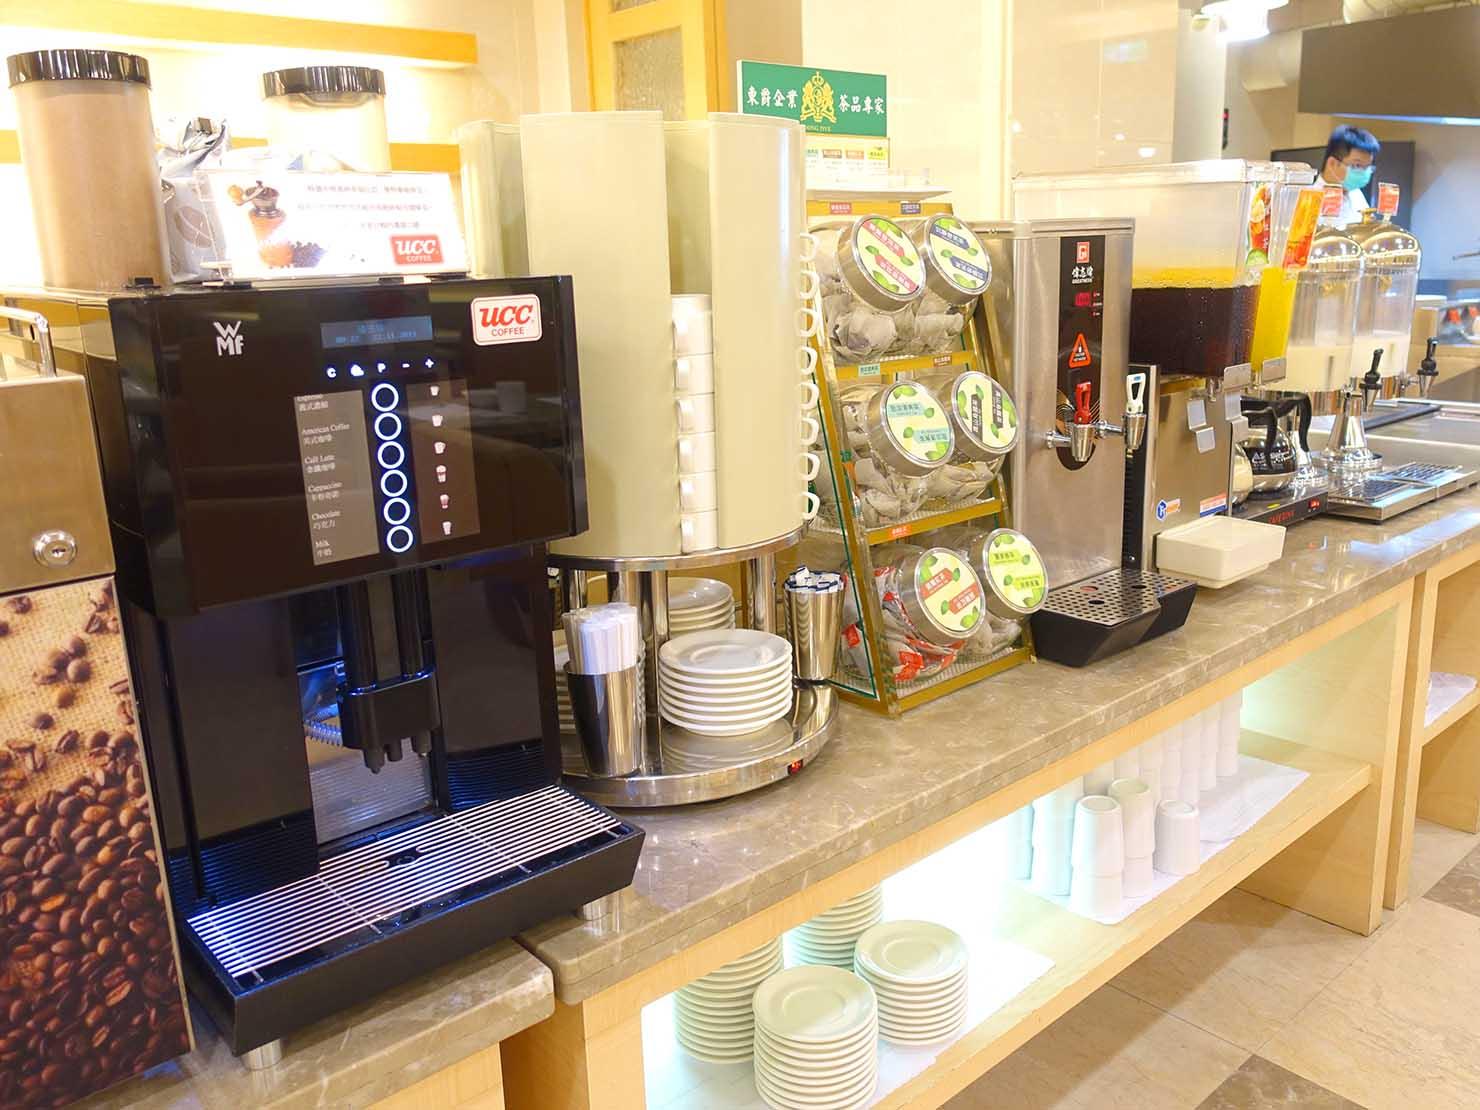 高雄のおすすめチェーンホテル「康橋商旅 Kindness Hotel(漢神館)」朝食ビュッフェのドリンク